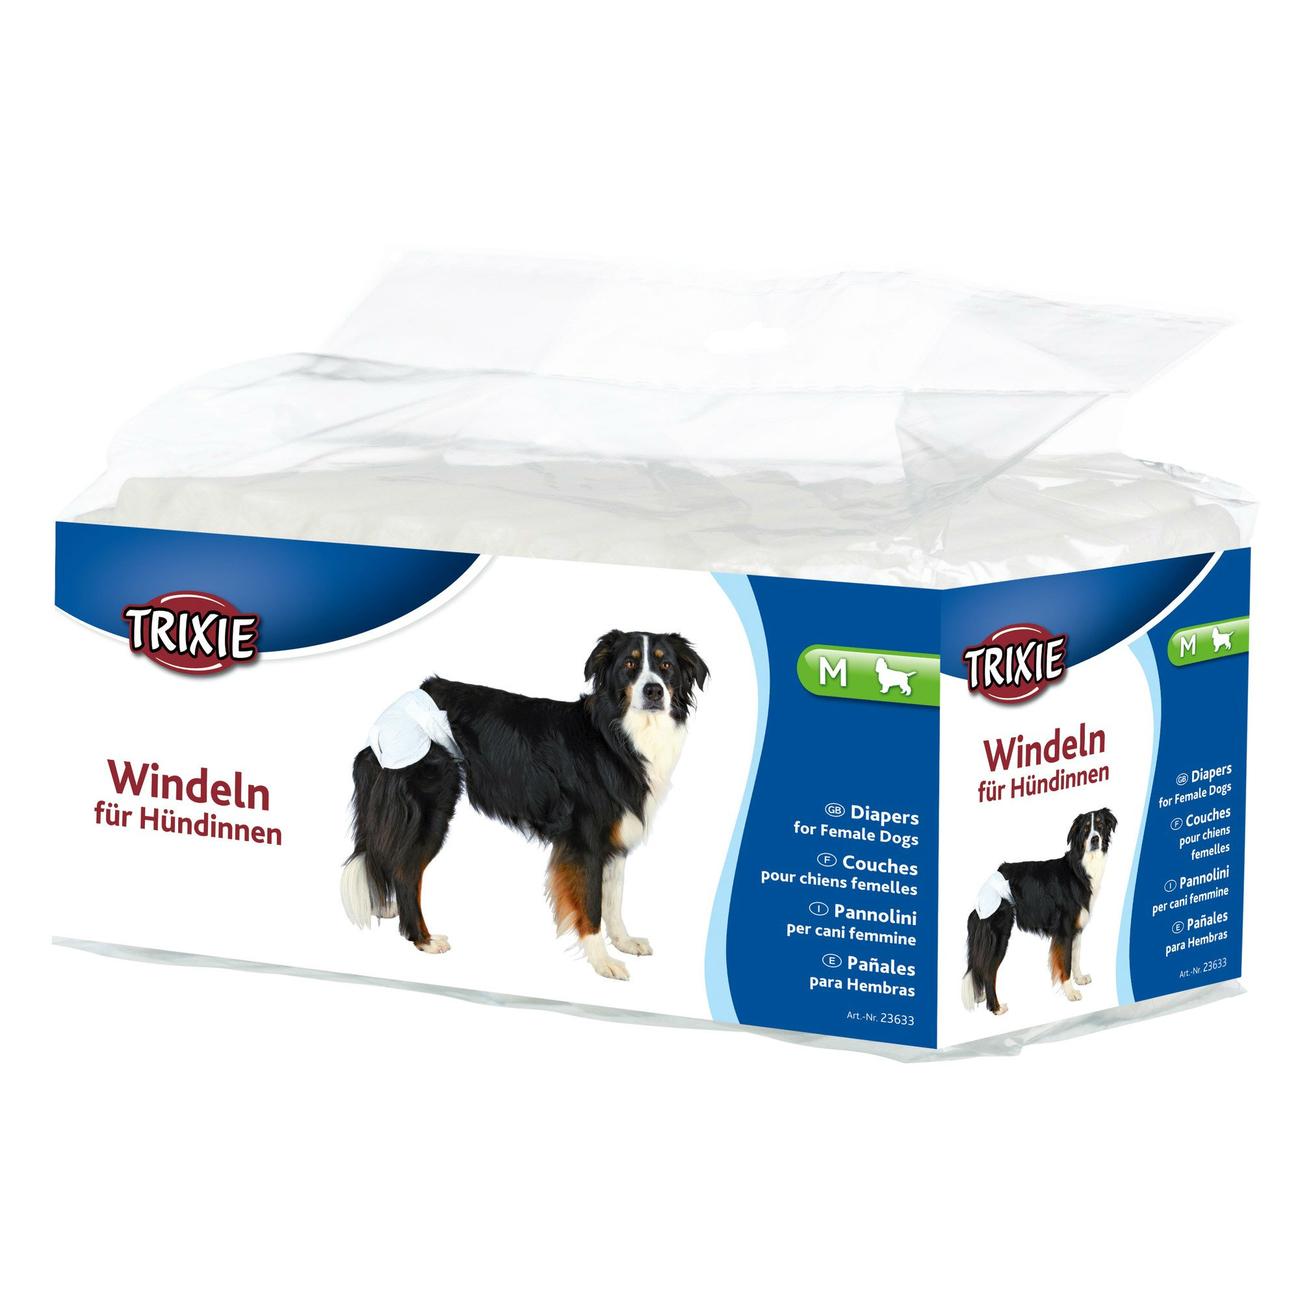 TRIXIE Hundewindeln für Hündinnen 23631, Bild 3